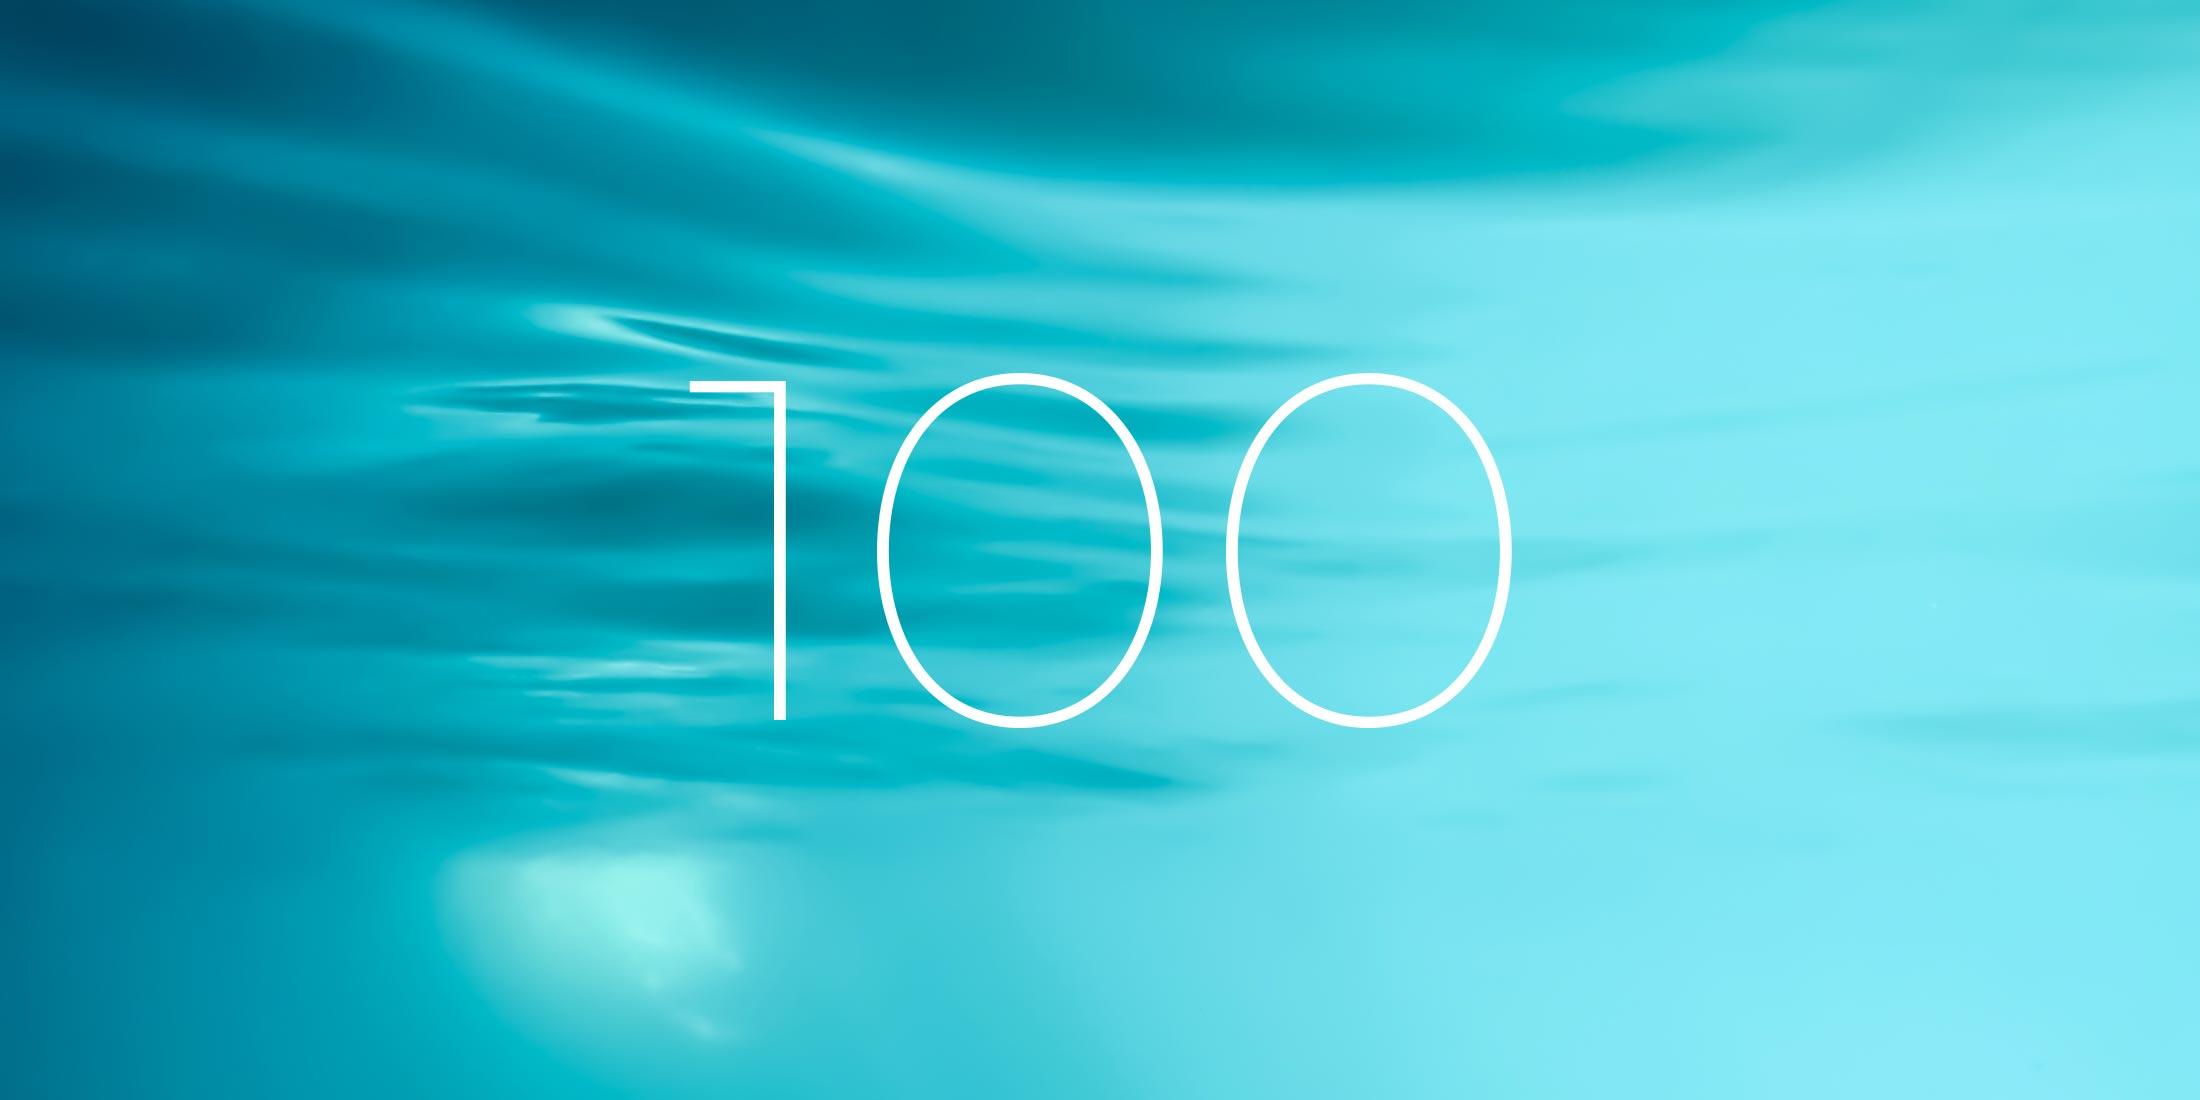 100 Exemplare je Motiv